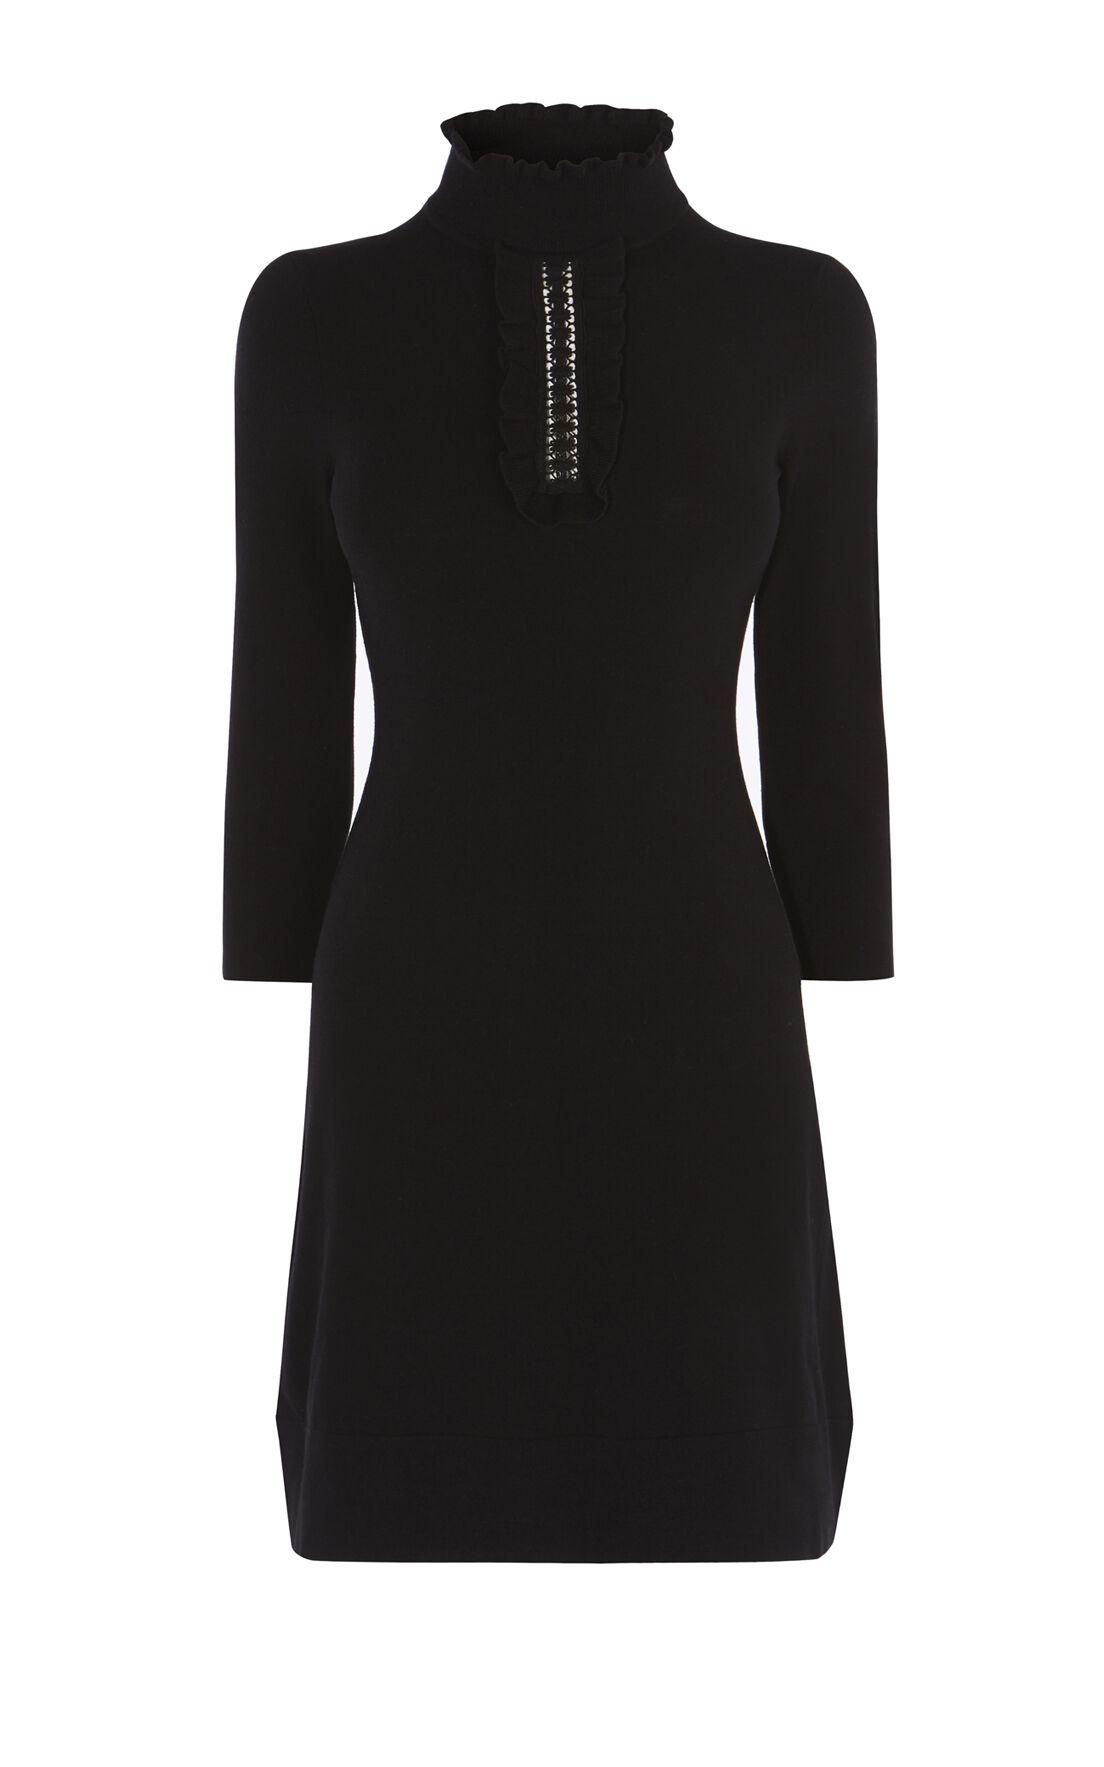 Karen Millen, HIGH-NECK KNIT DRESS Black 0